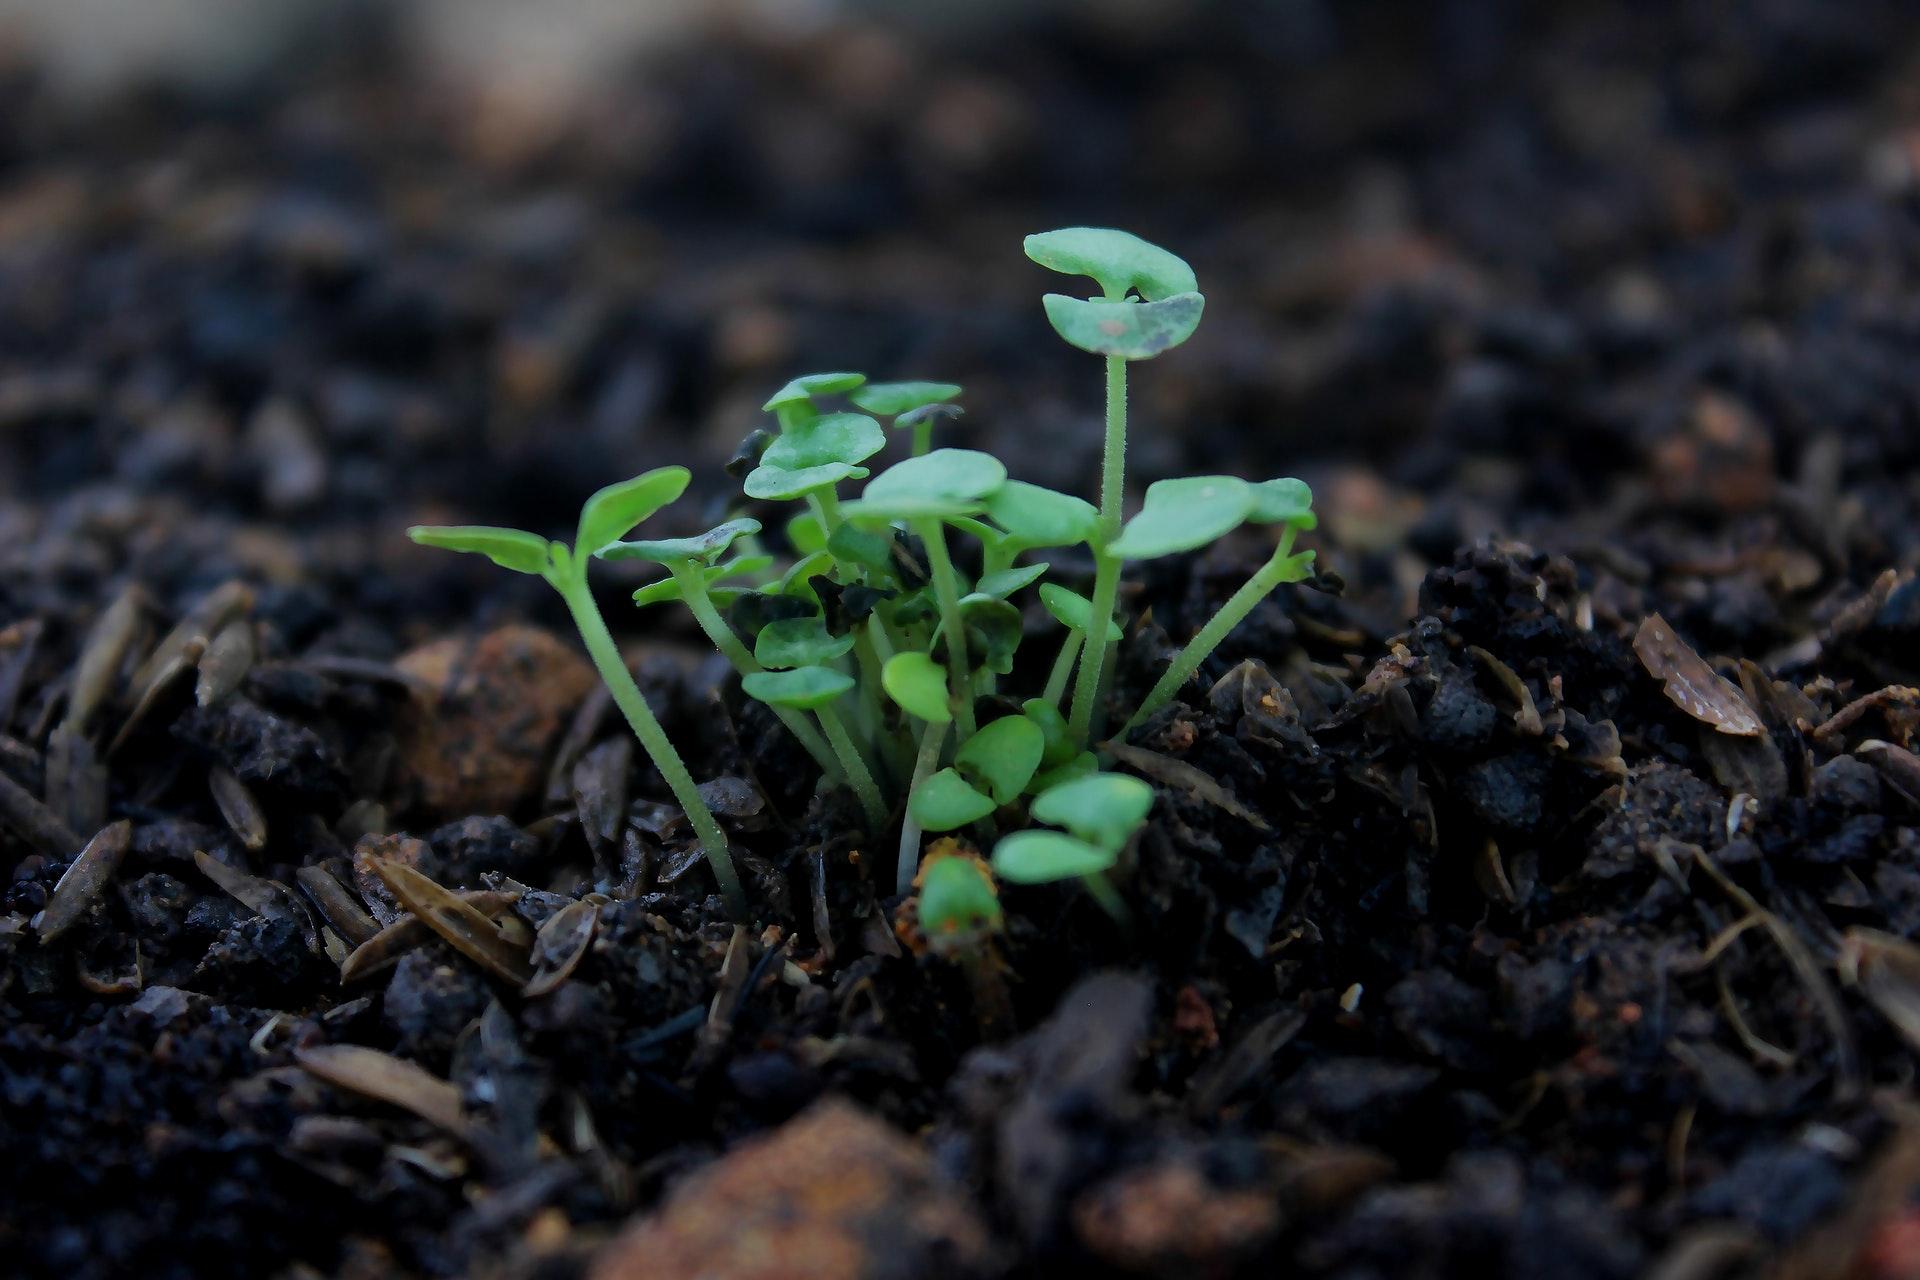 Antilles : le CNRS annonce la résurrection du chlordécone  avec l'usage du glyphosate